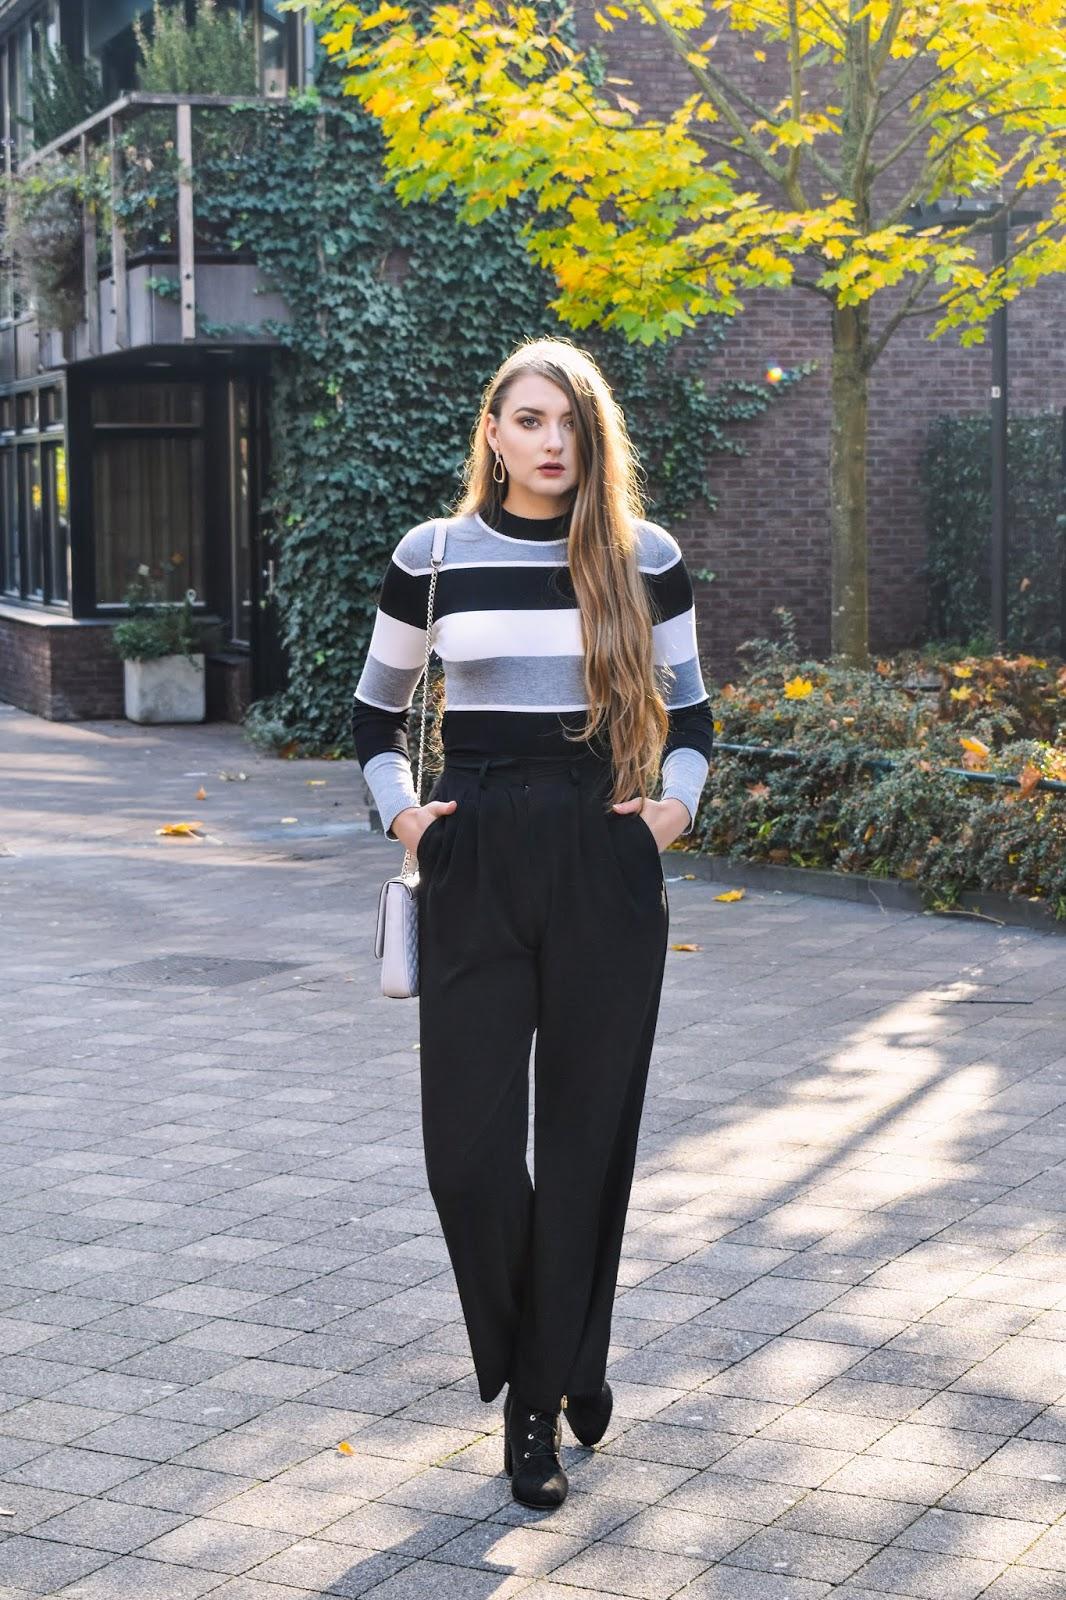 szerokie spodnie stylizacje